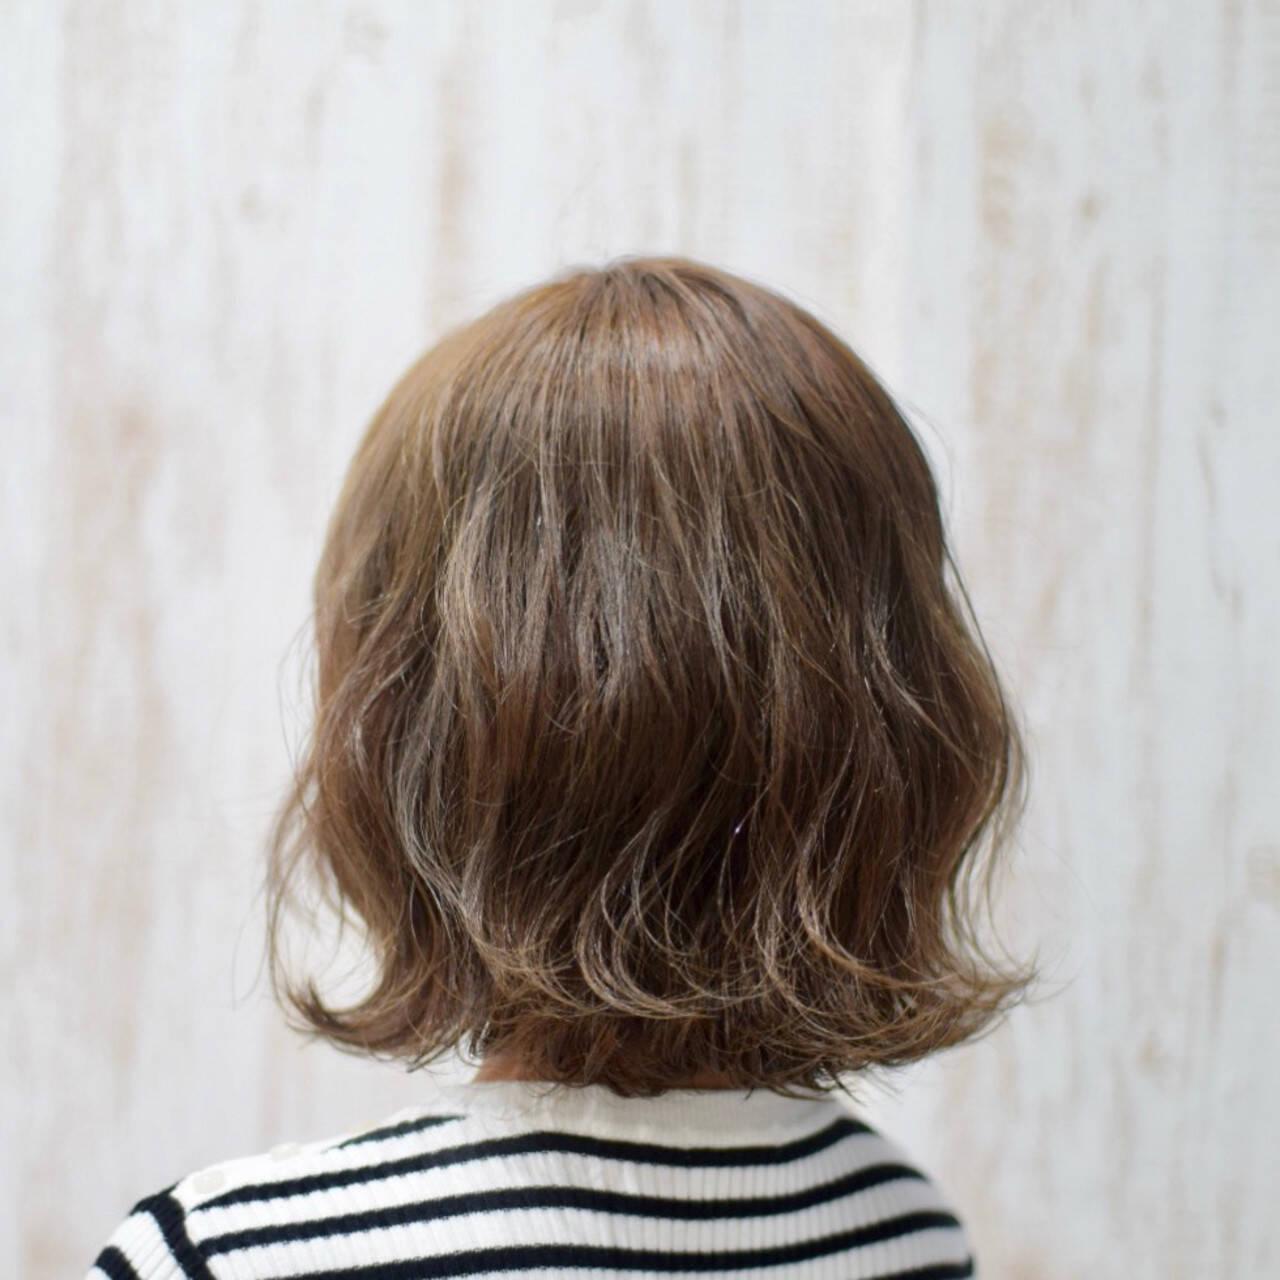 オリーブアッシュ ナチュラル アッシュグレー グレーアッシュヘアスタイルや髪型の写真・画像